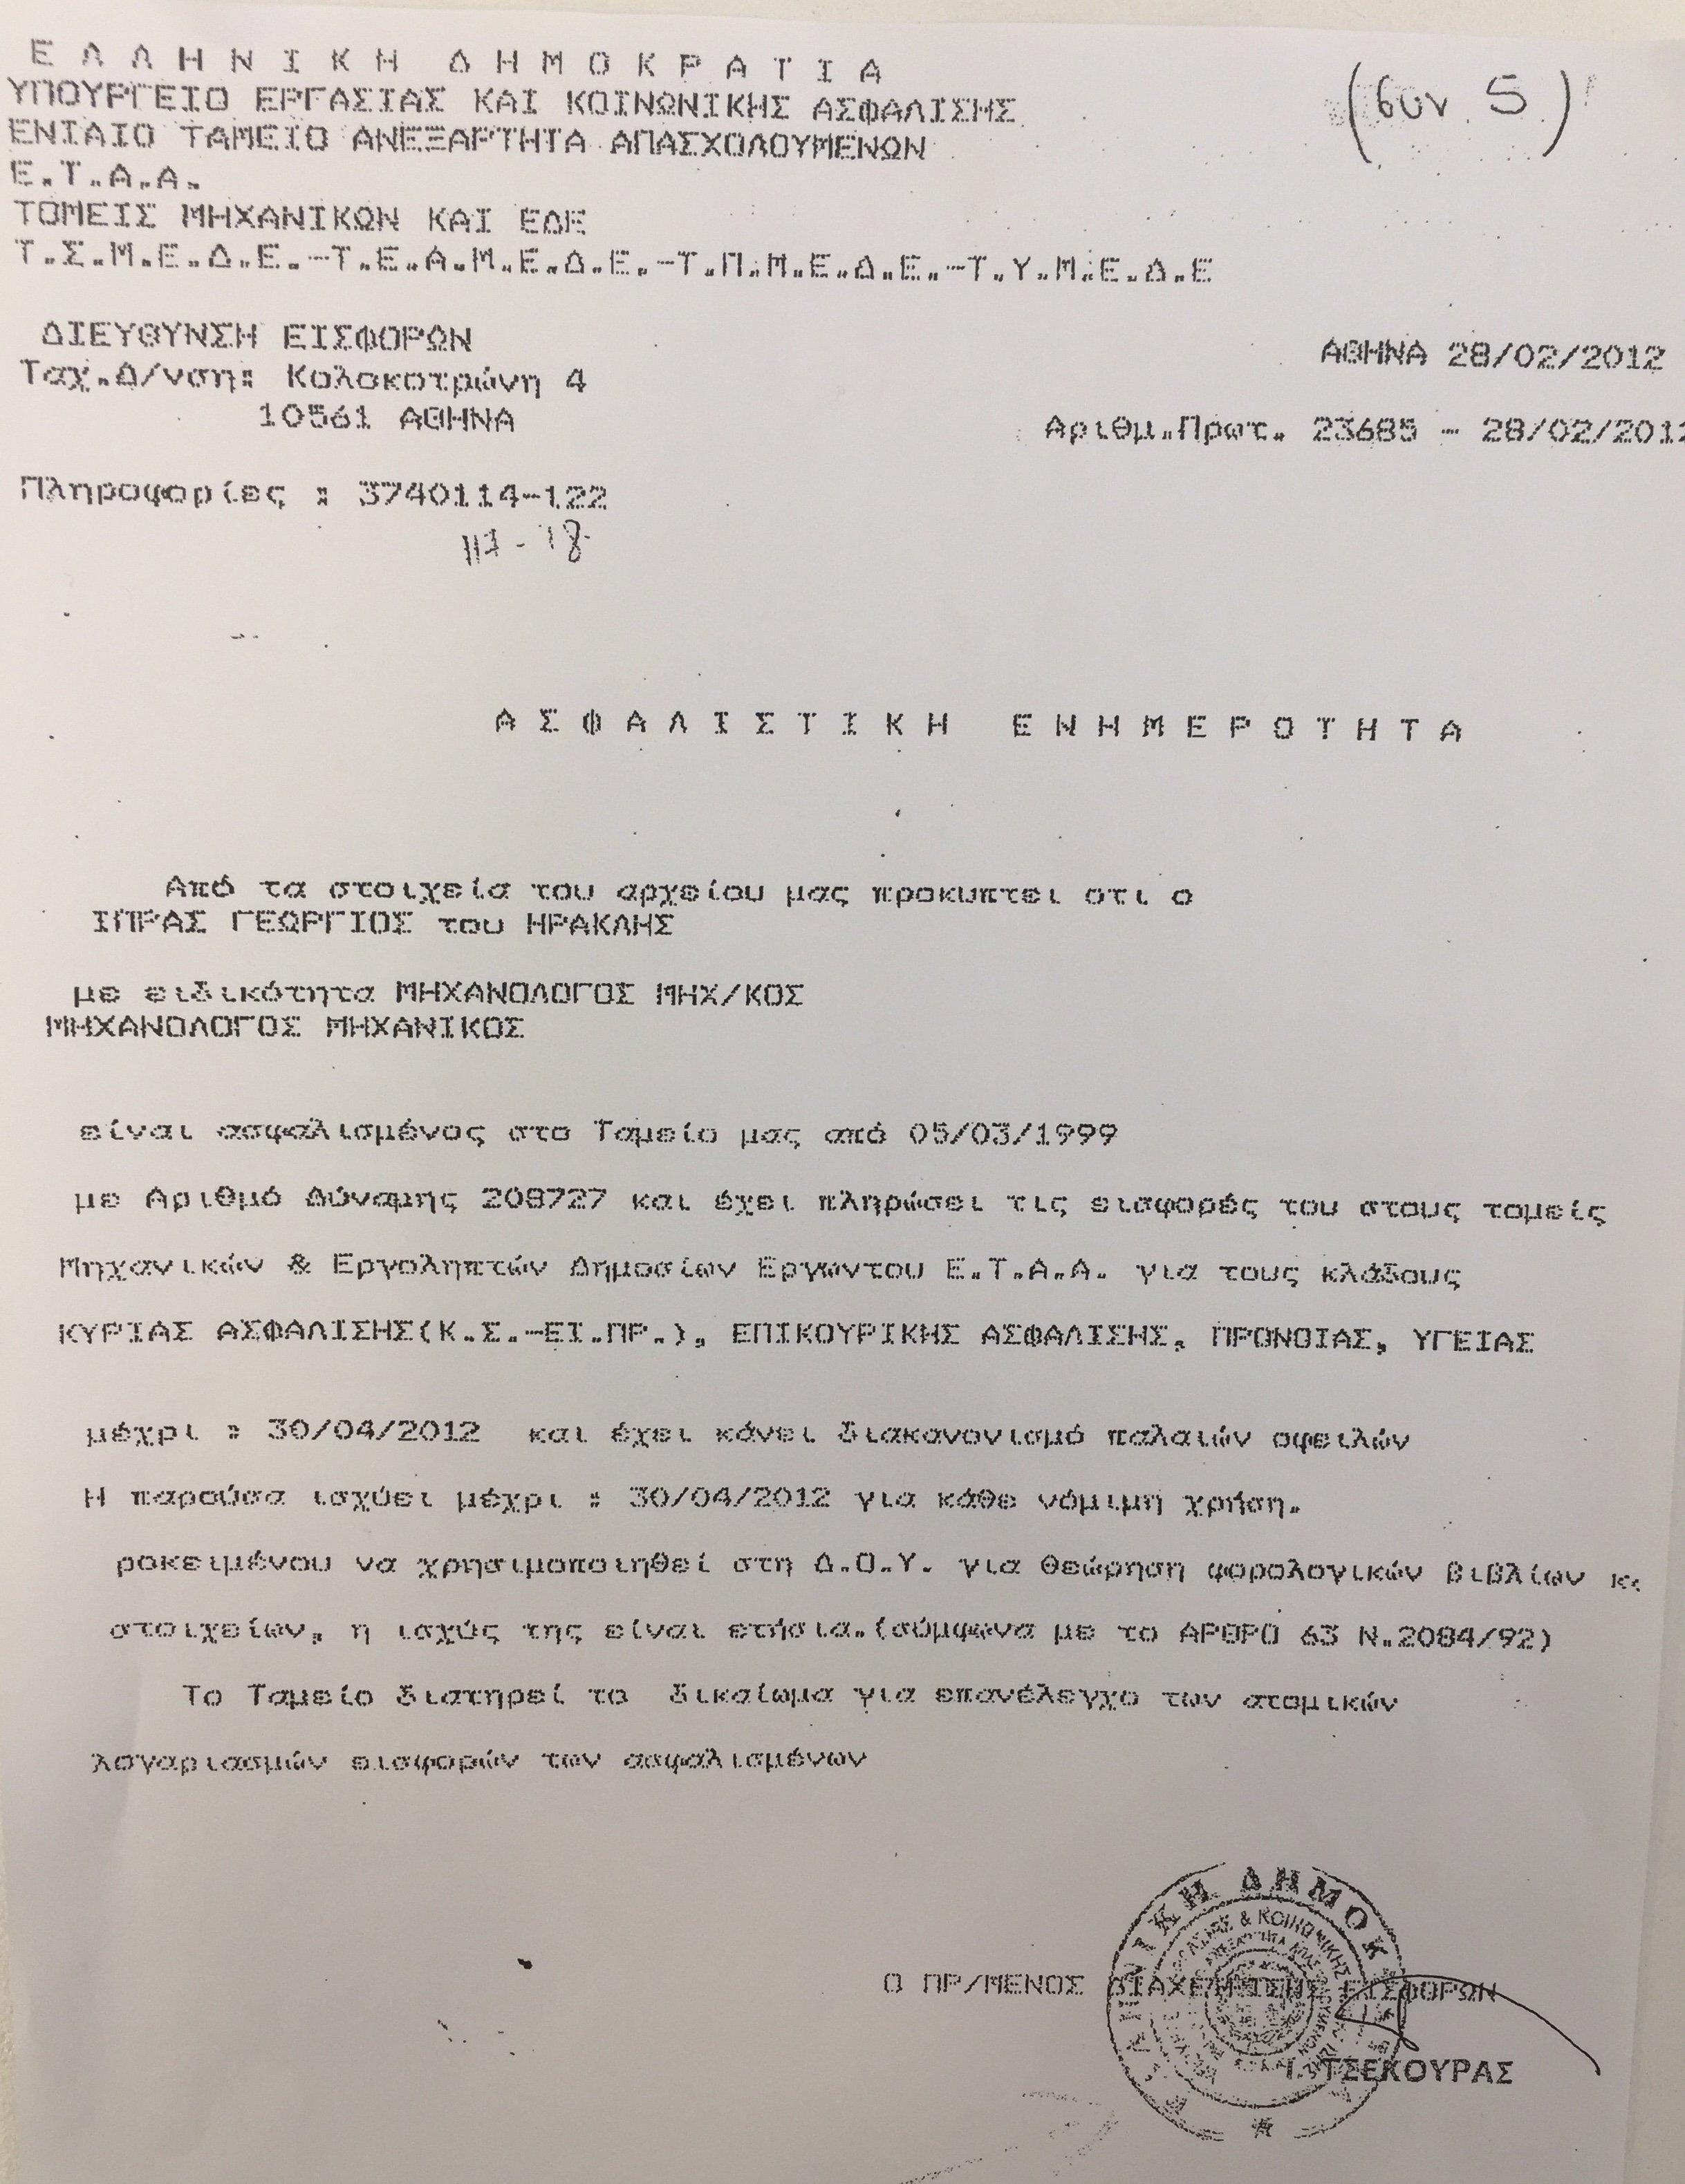 mainetai-i-kontra-gia-tin-etaireia-ton-adelfon-tsipra-amp-8211-i-nd-dimosiopoiei-eggrafa1